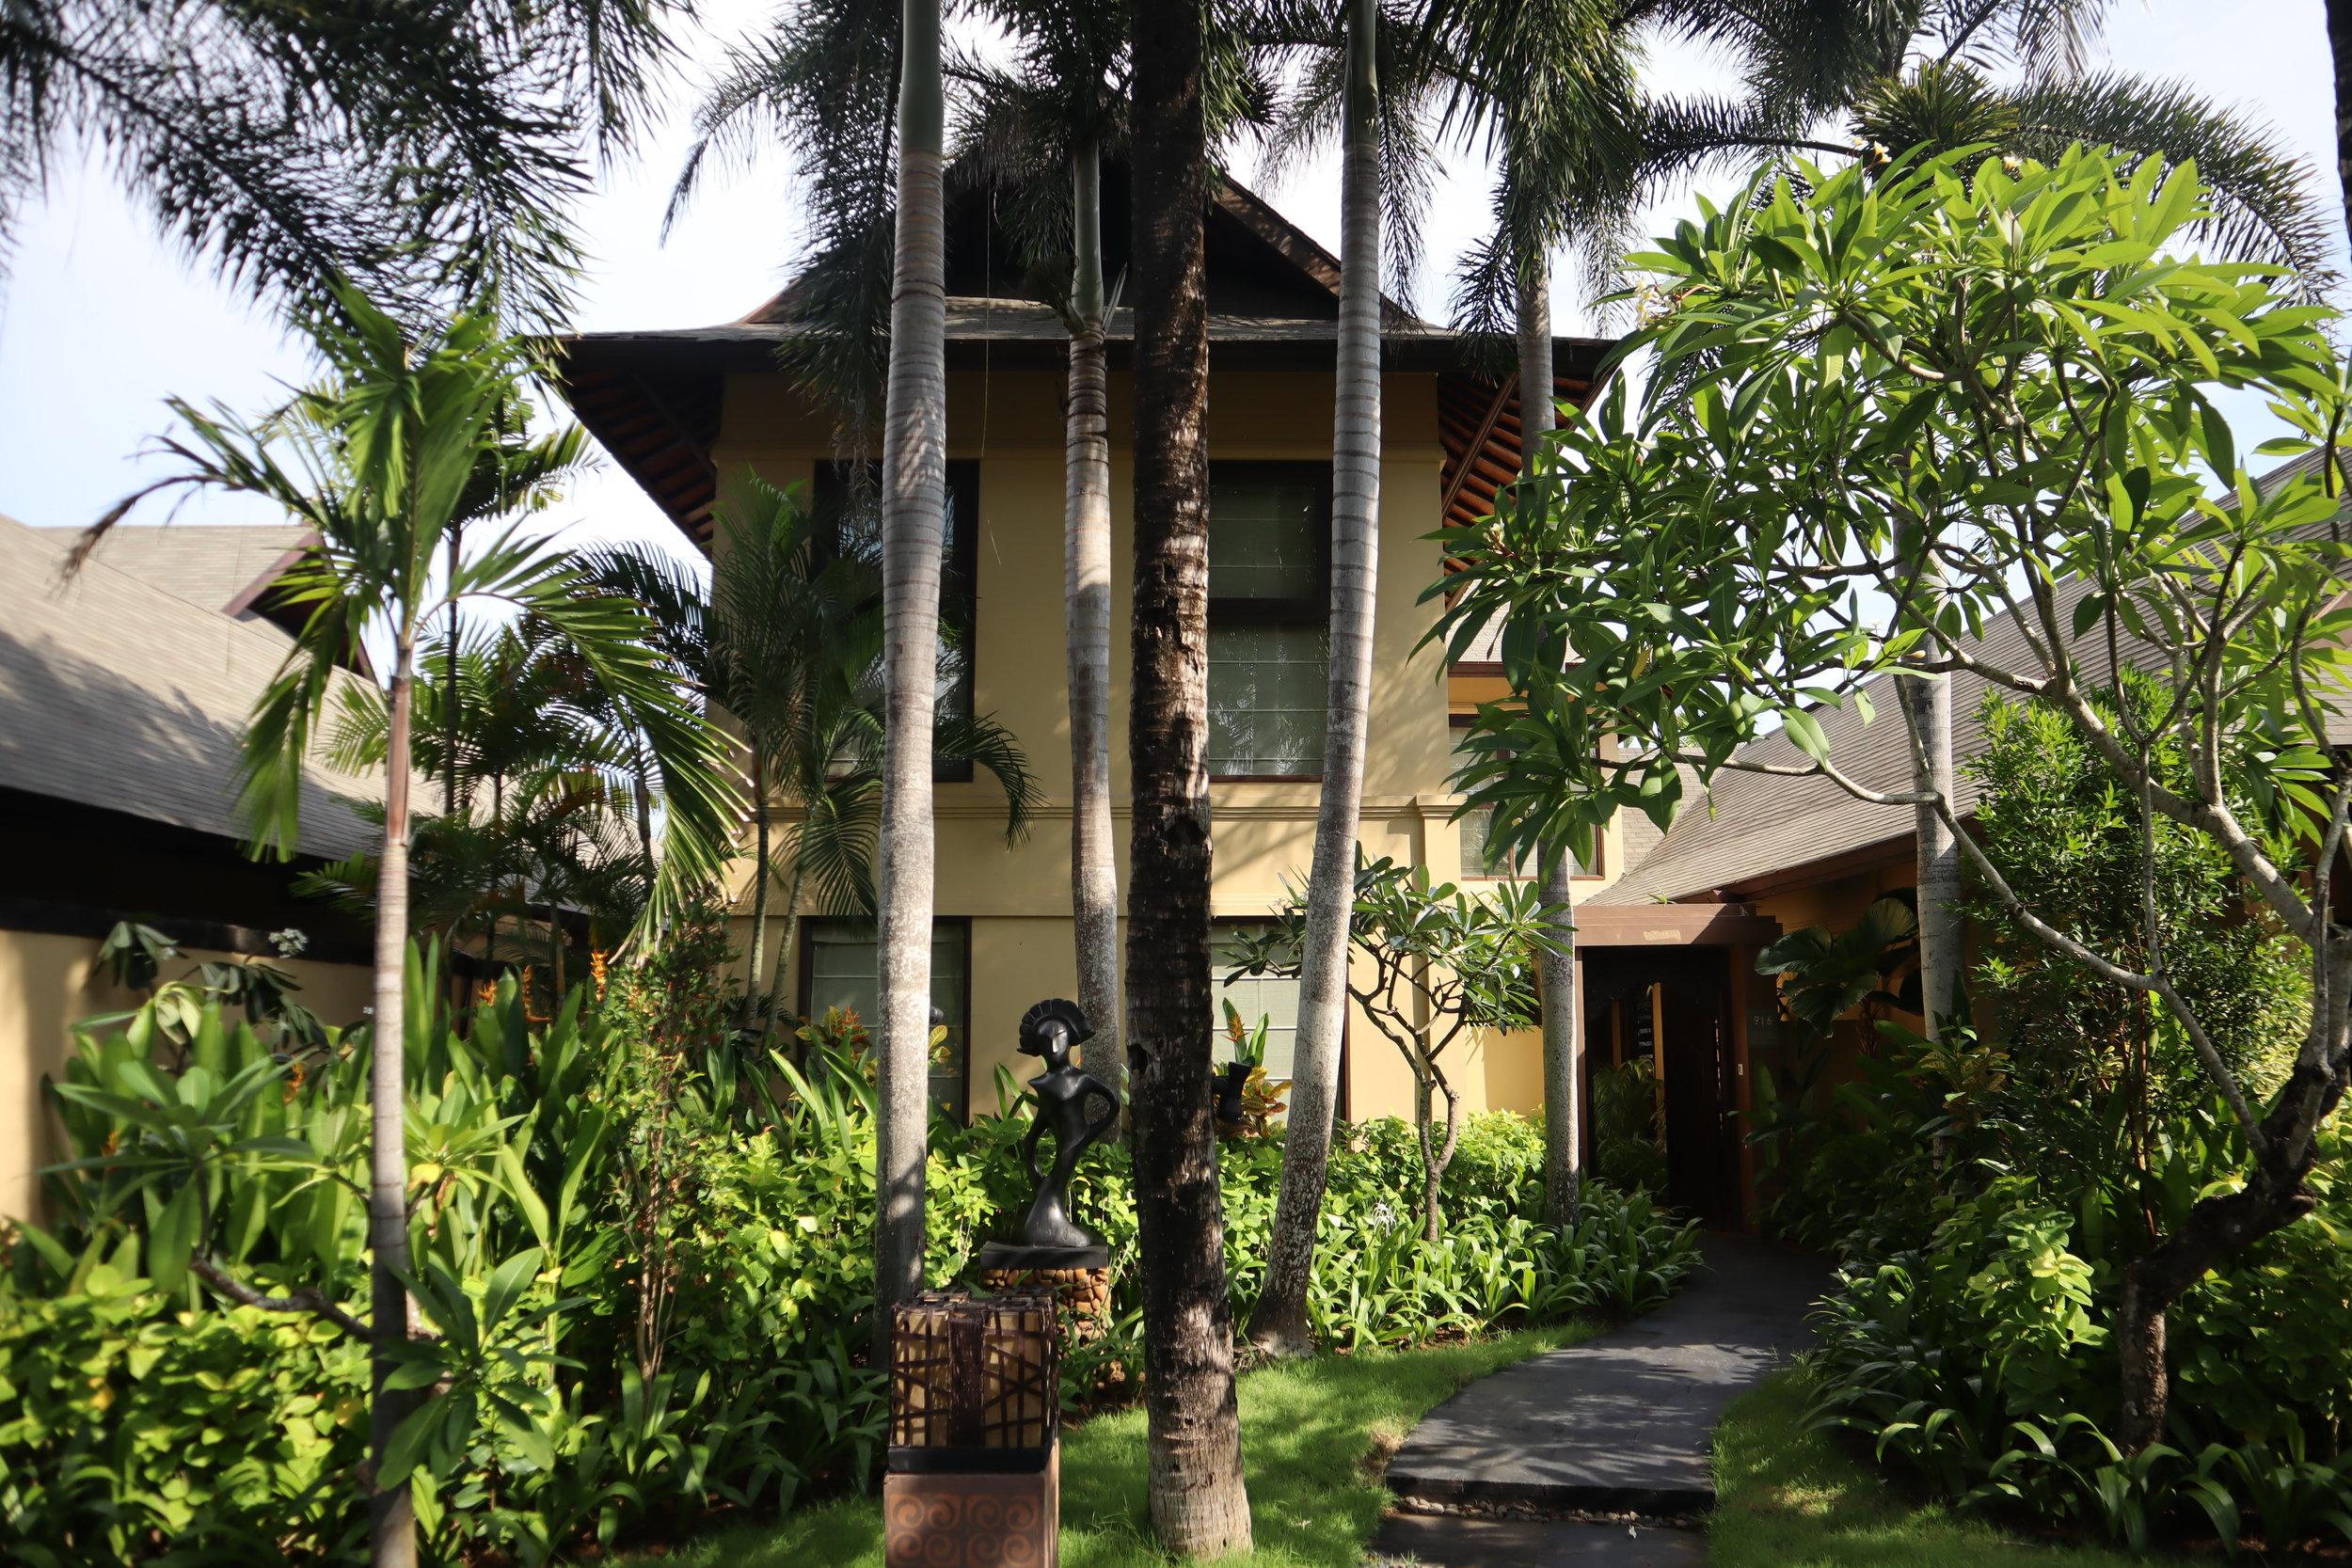 St. Regis Bali – Beach Villa